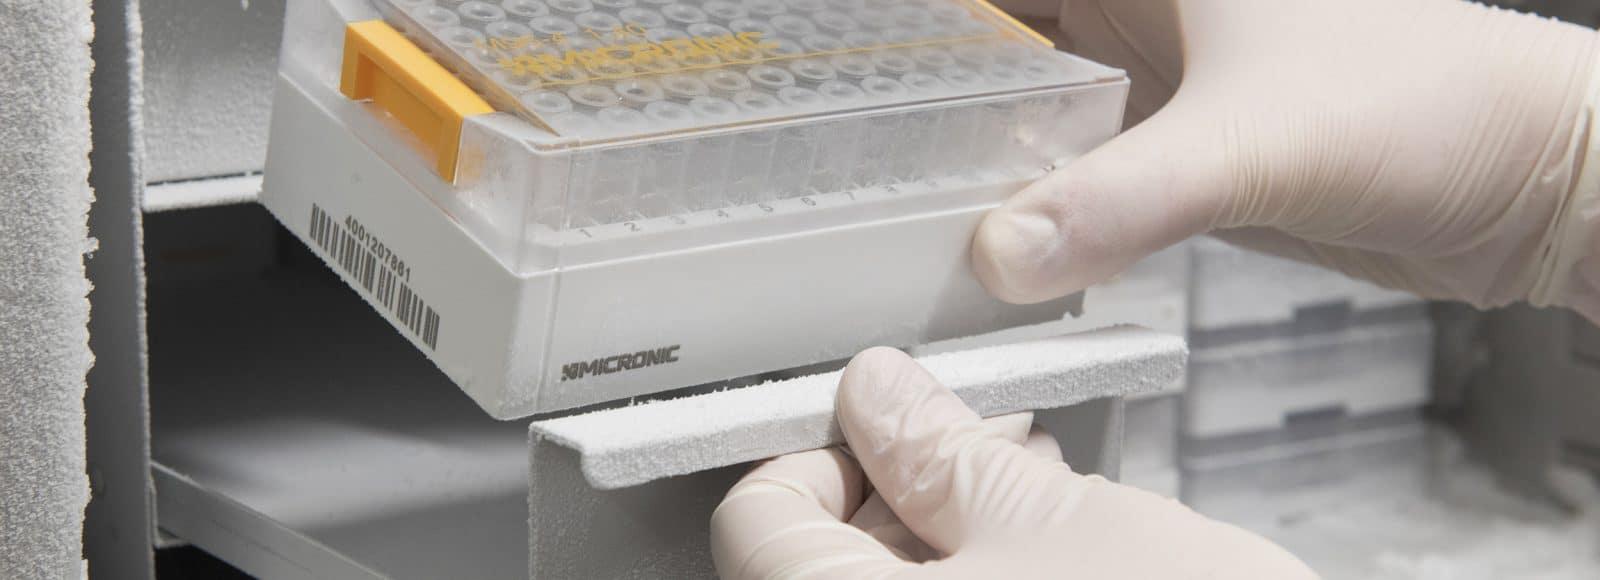 Micronic in freezer